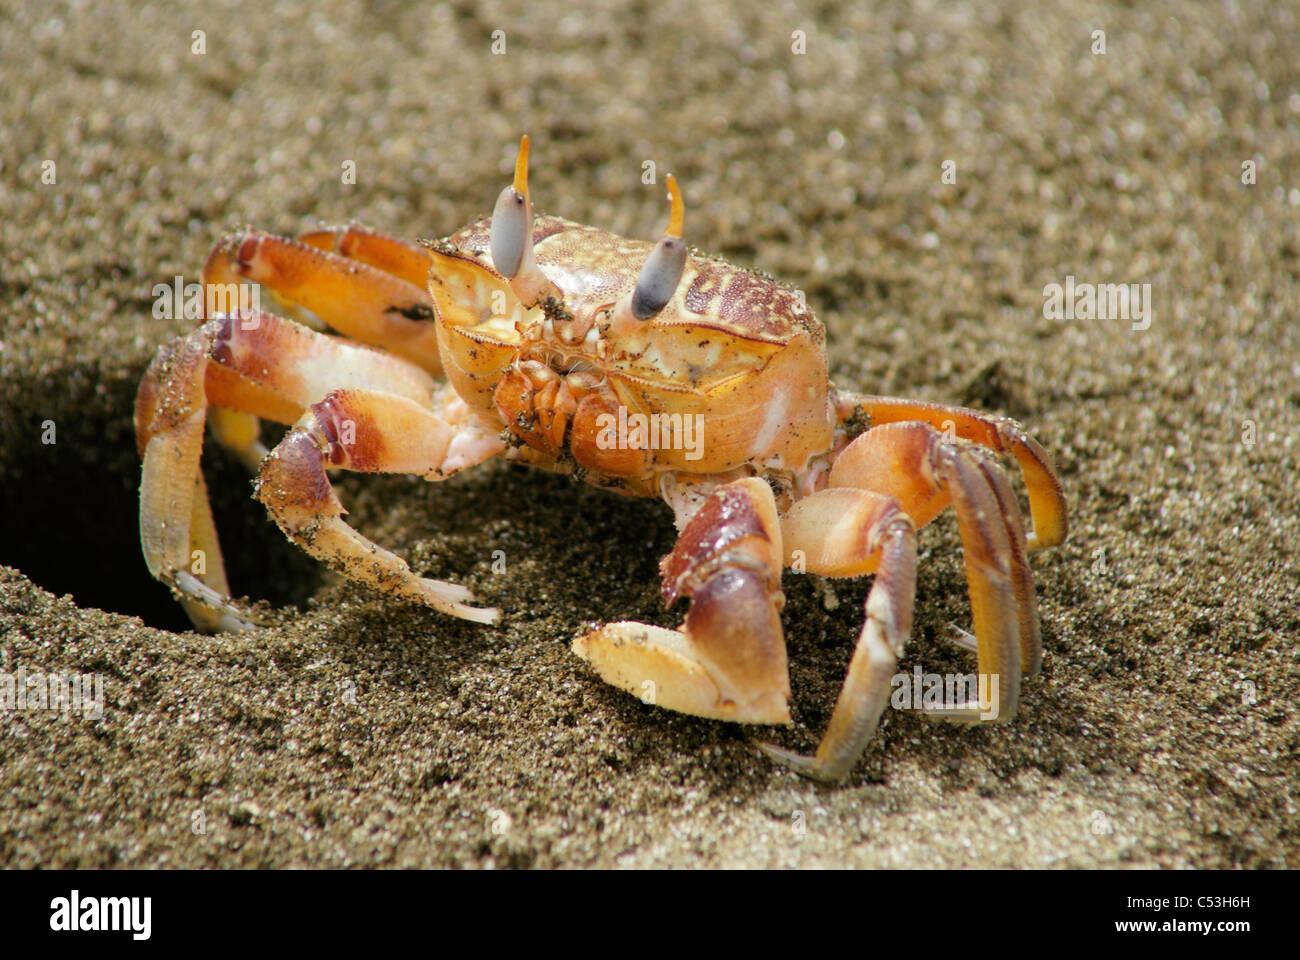 Sally Lightfoot Crab (Grapsus grapsus ) next to burrow hole at the Galapagos Islands, Ecuador. - Stock Image